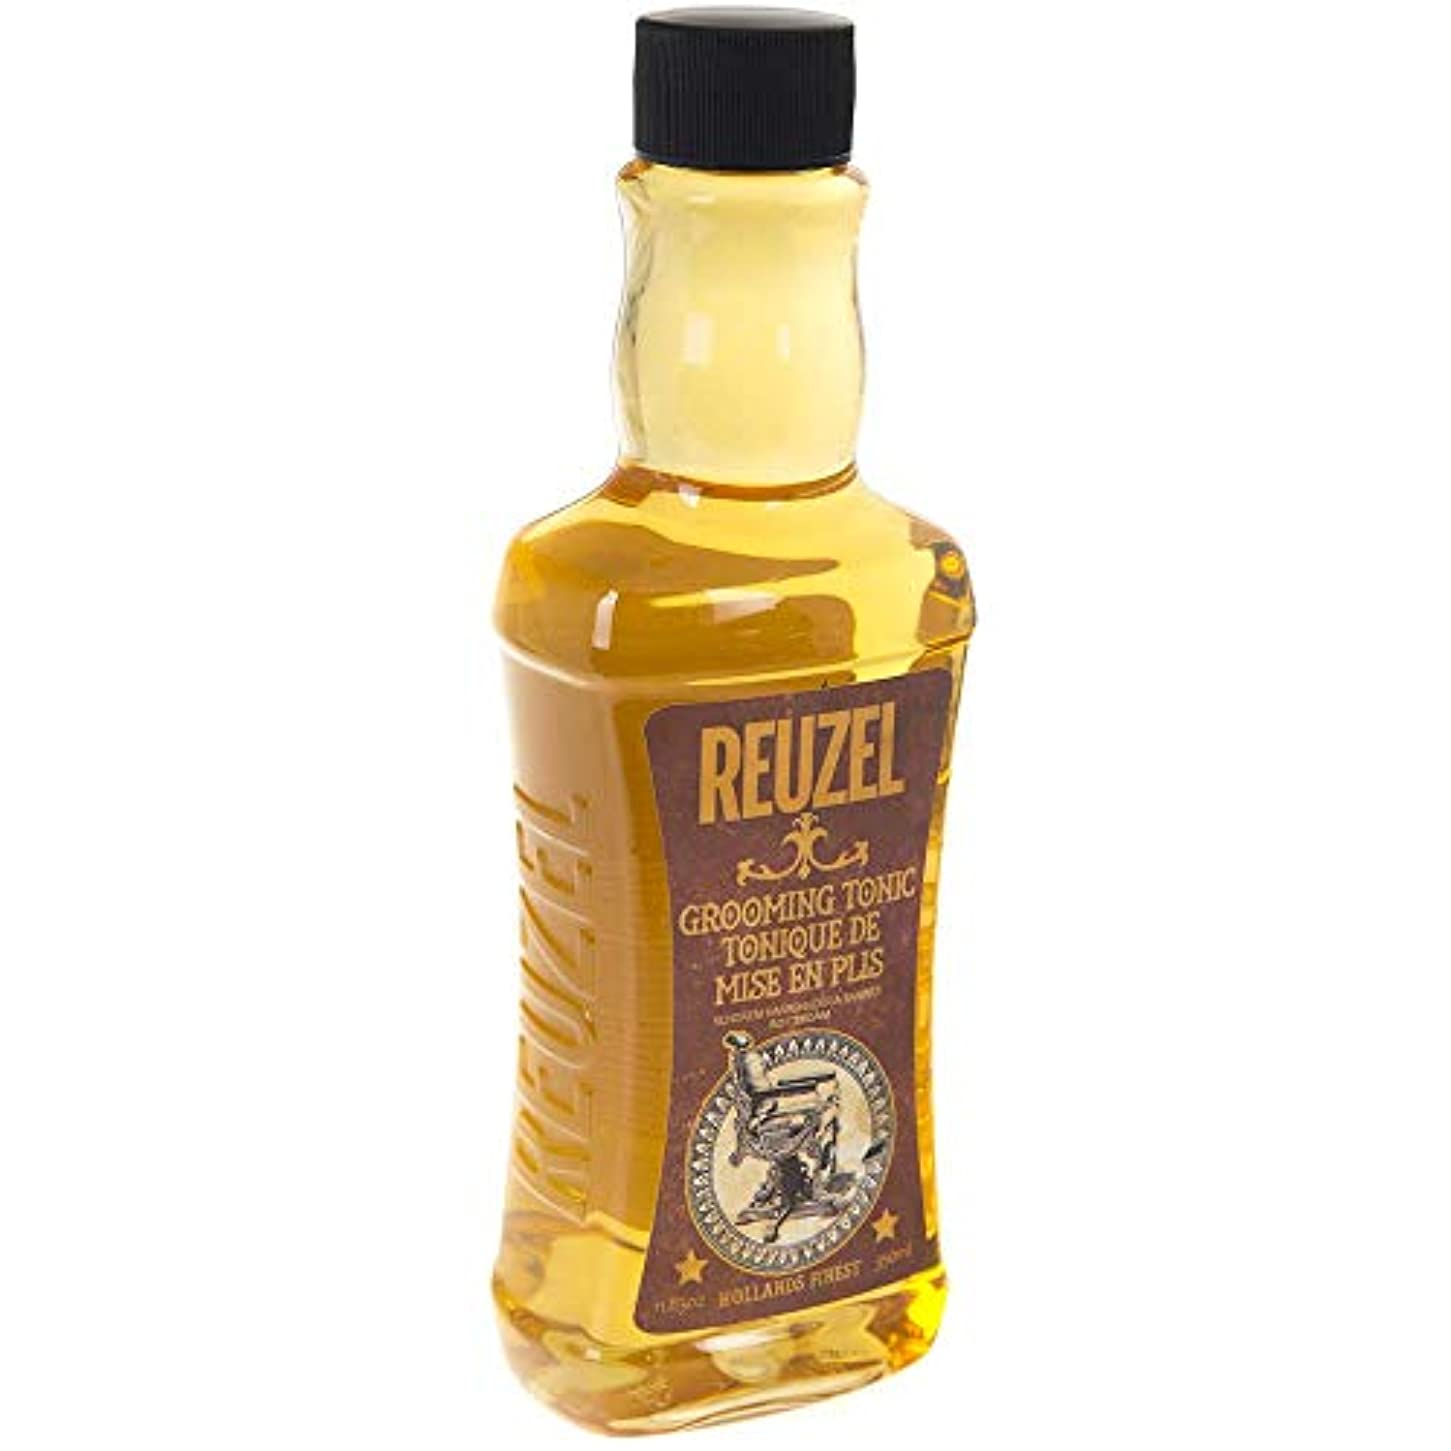 うんざりアカデミー表現ルーゾー グルーミング トニック Reuzel Grooming Tonic 350 ml [並行輸入品]